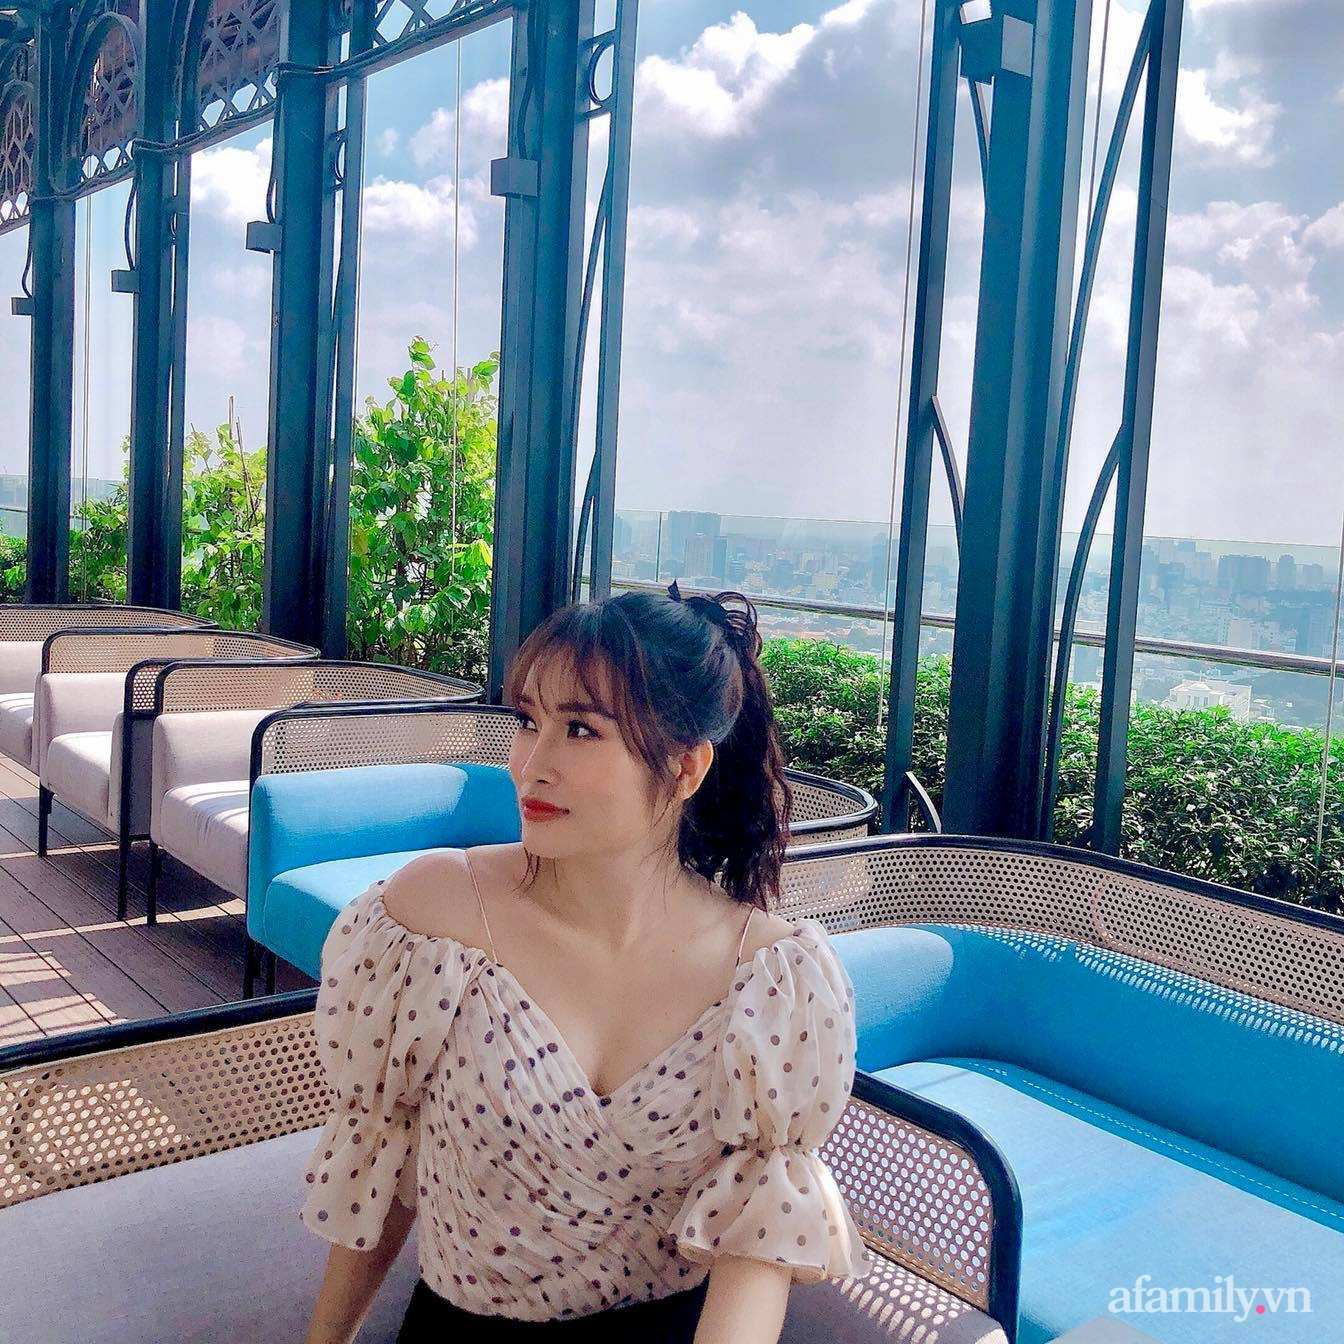 Bà mẹ trẻ Sài Gòn biến ban công trống trơn thành khu vườn ngập tràn hoa lá chỉ với 2,2 triệu đồng - Ảnh 2.